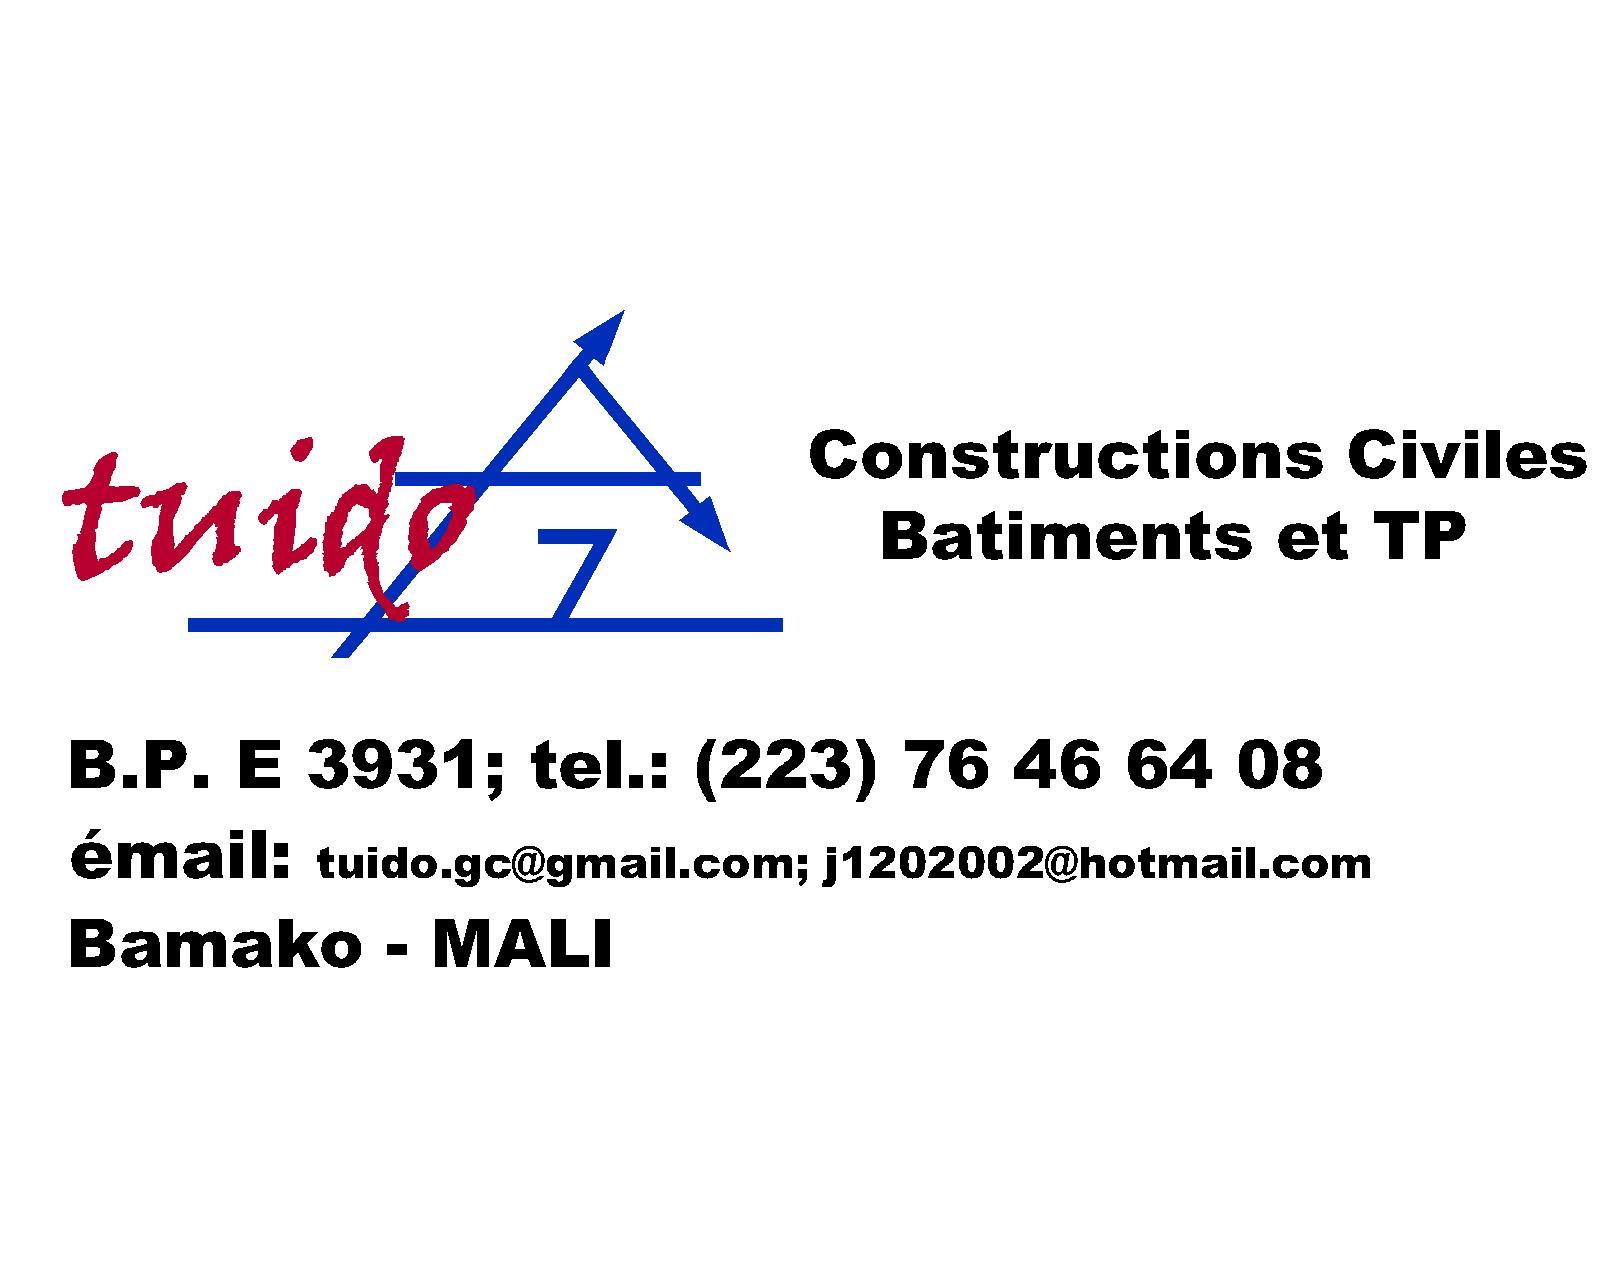 Coordonnee du partenaire de la construction de_l'ecole au_mali